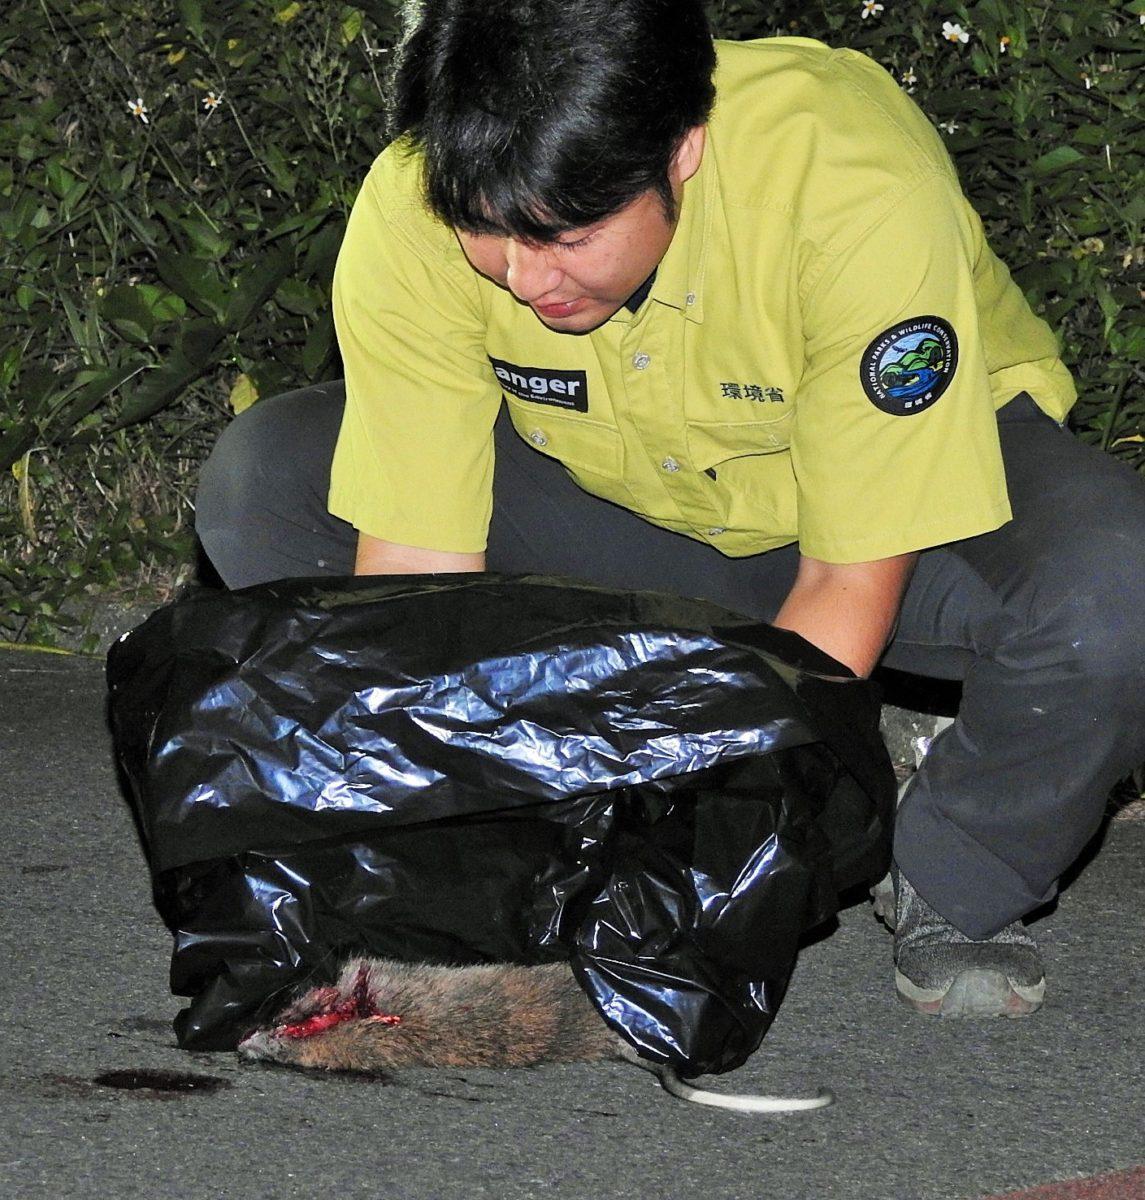 ケナガネズミ交通事故死多発